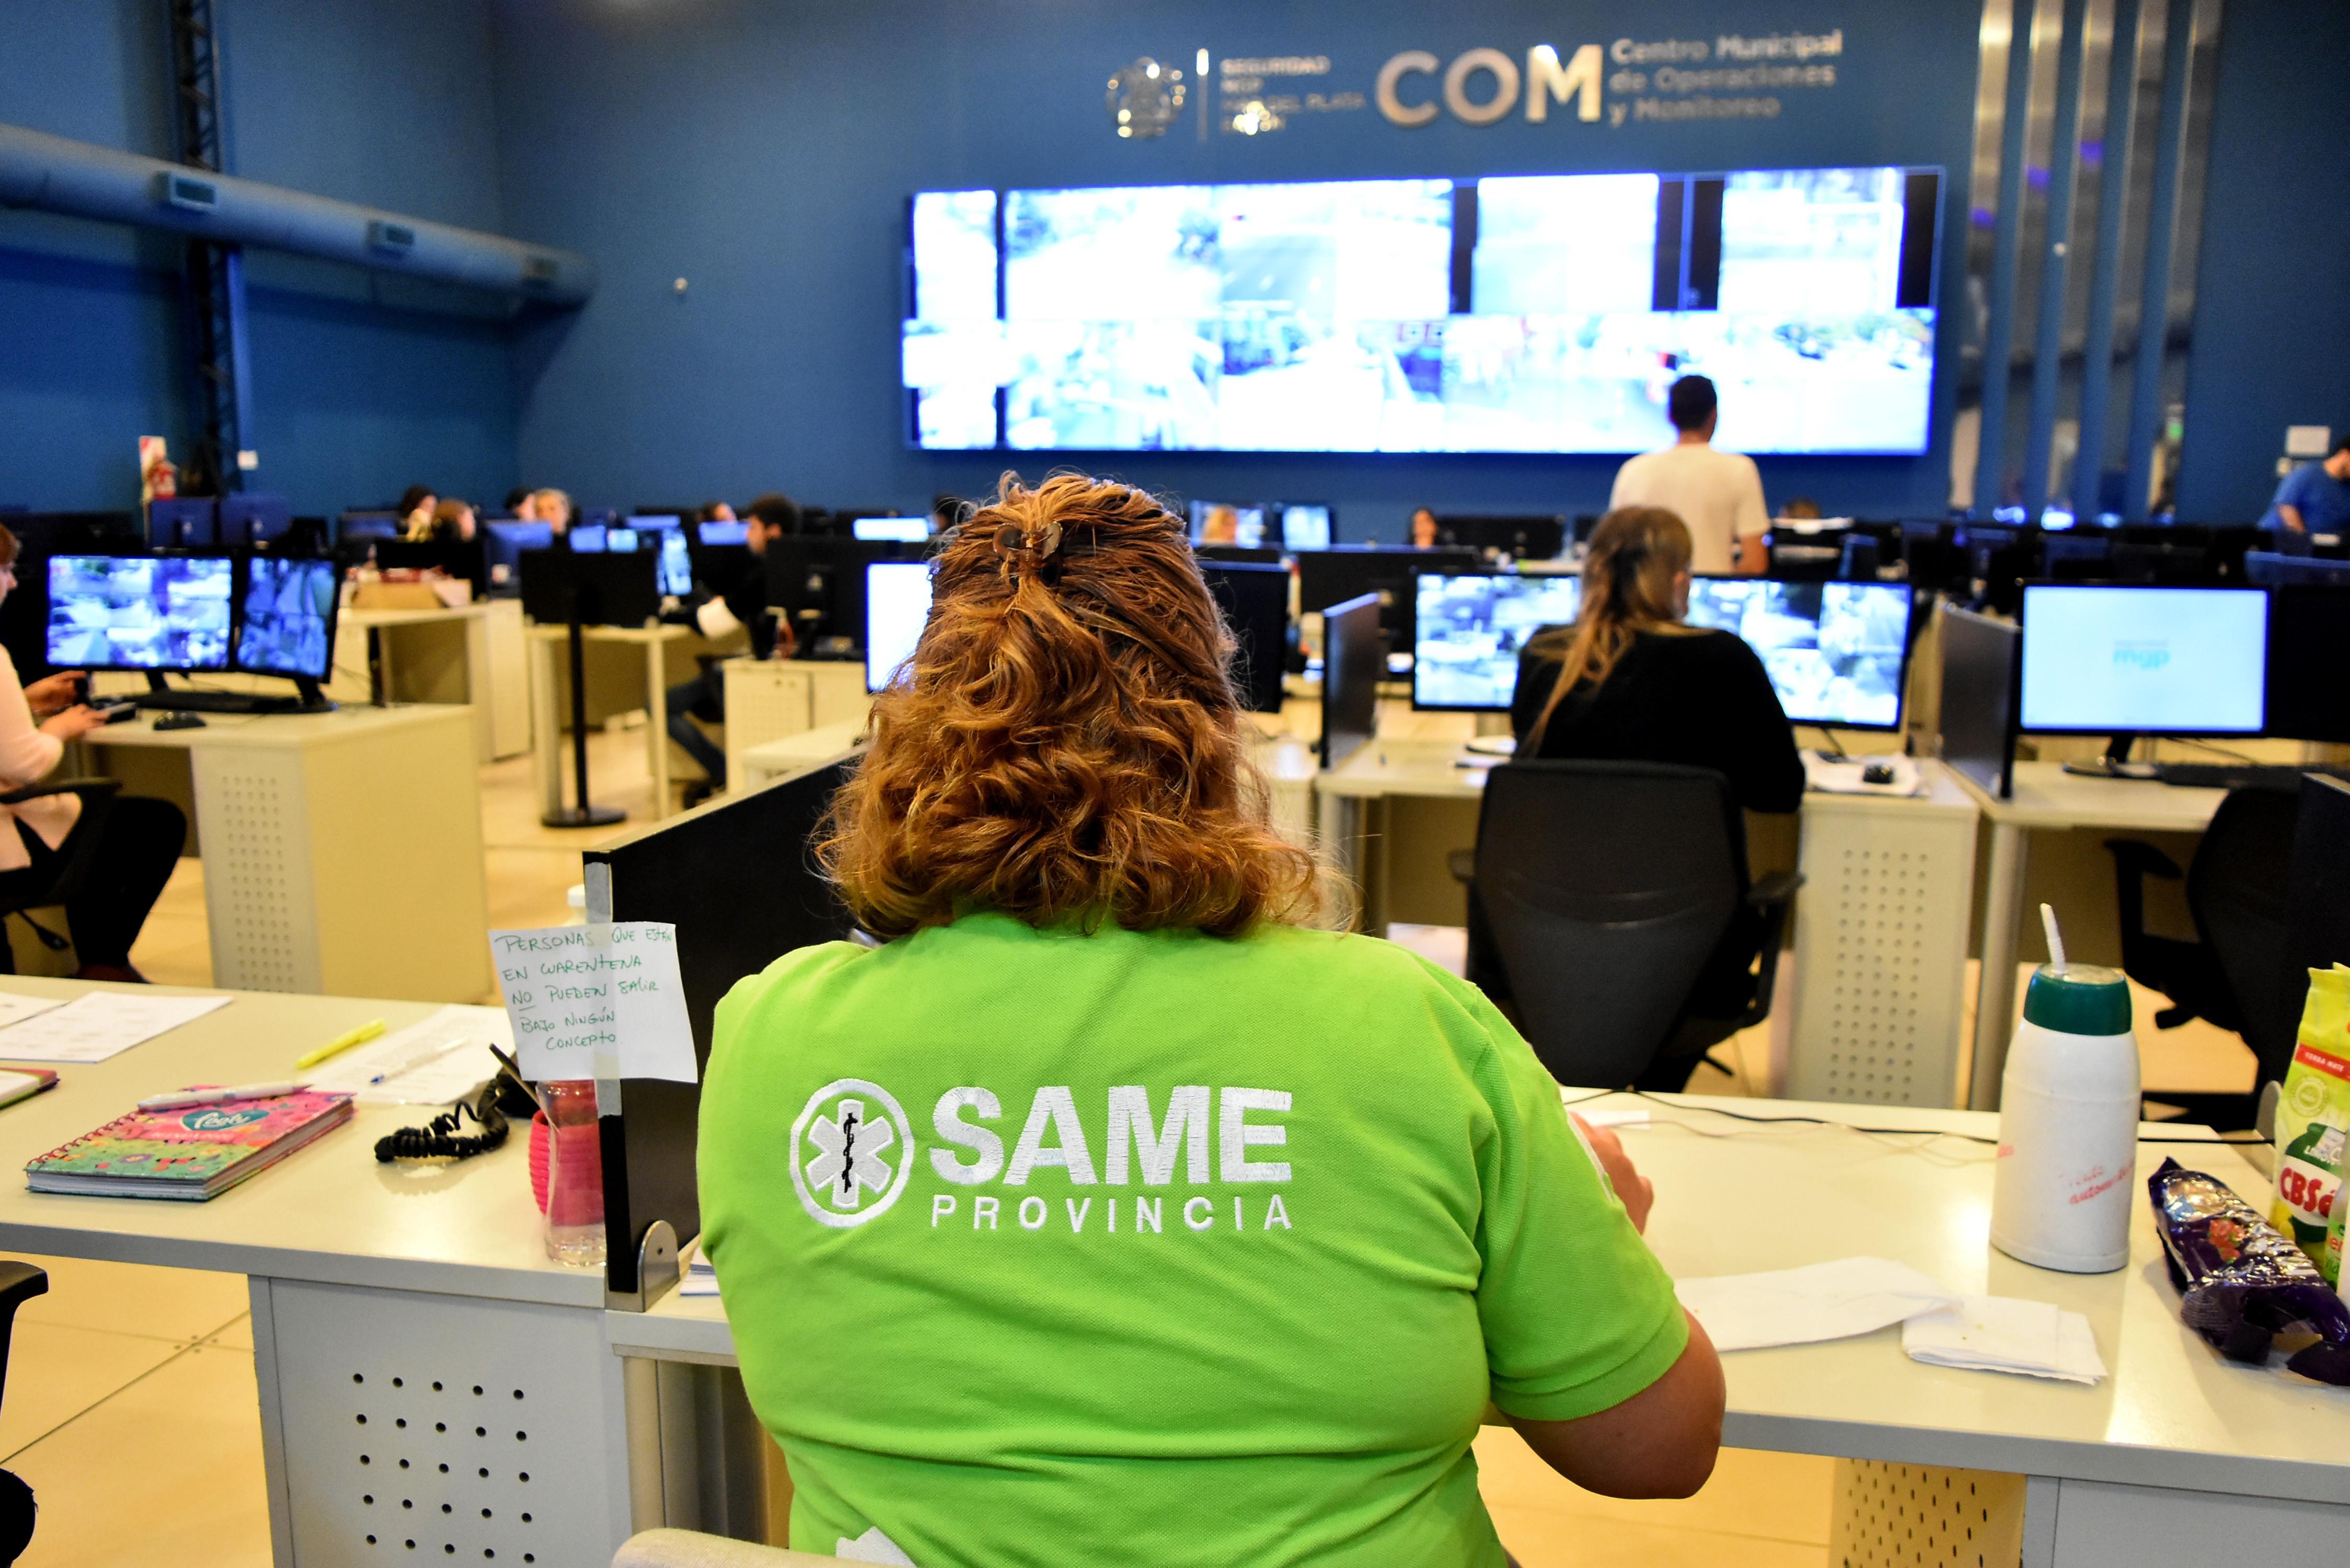 El Same realiza un importante trabajo en Mar del Plata.